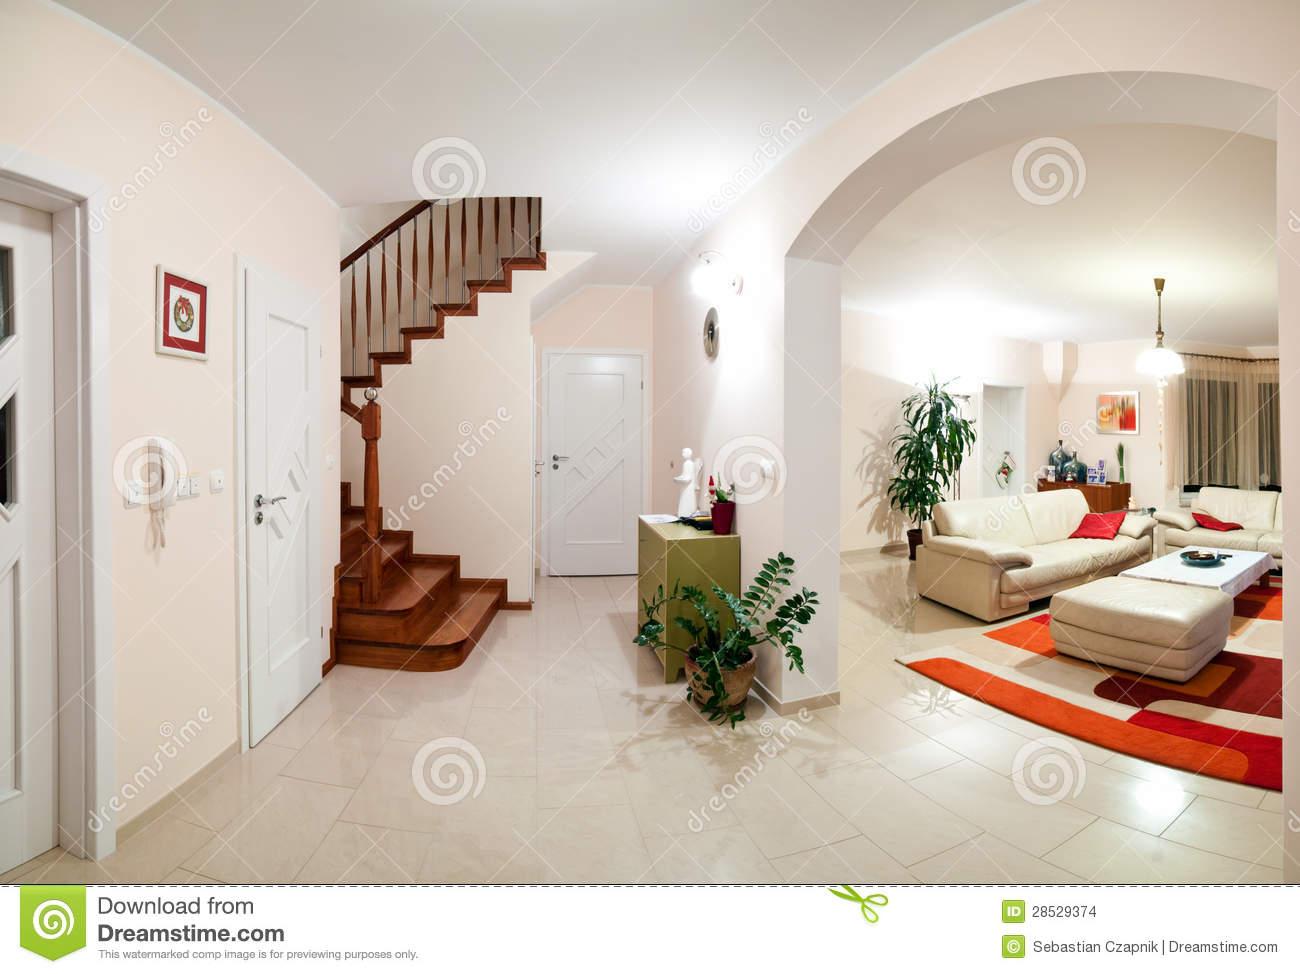 Modele de maison moderne interieur - Le monde de Léa